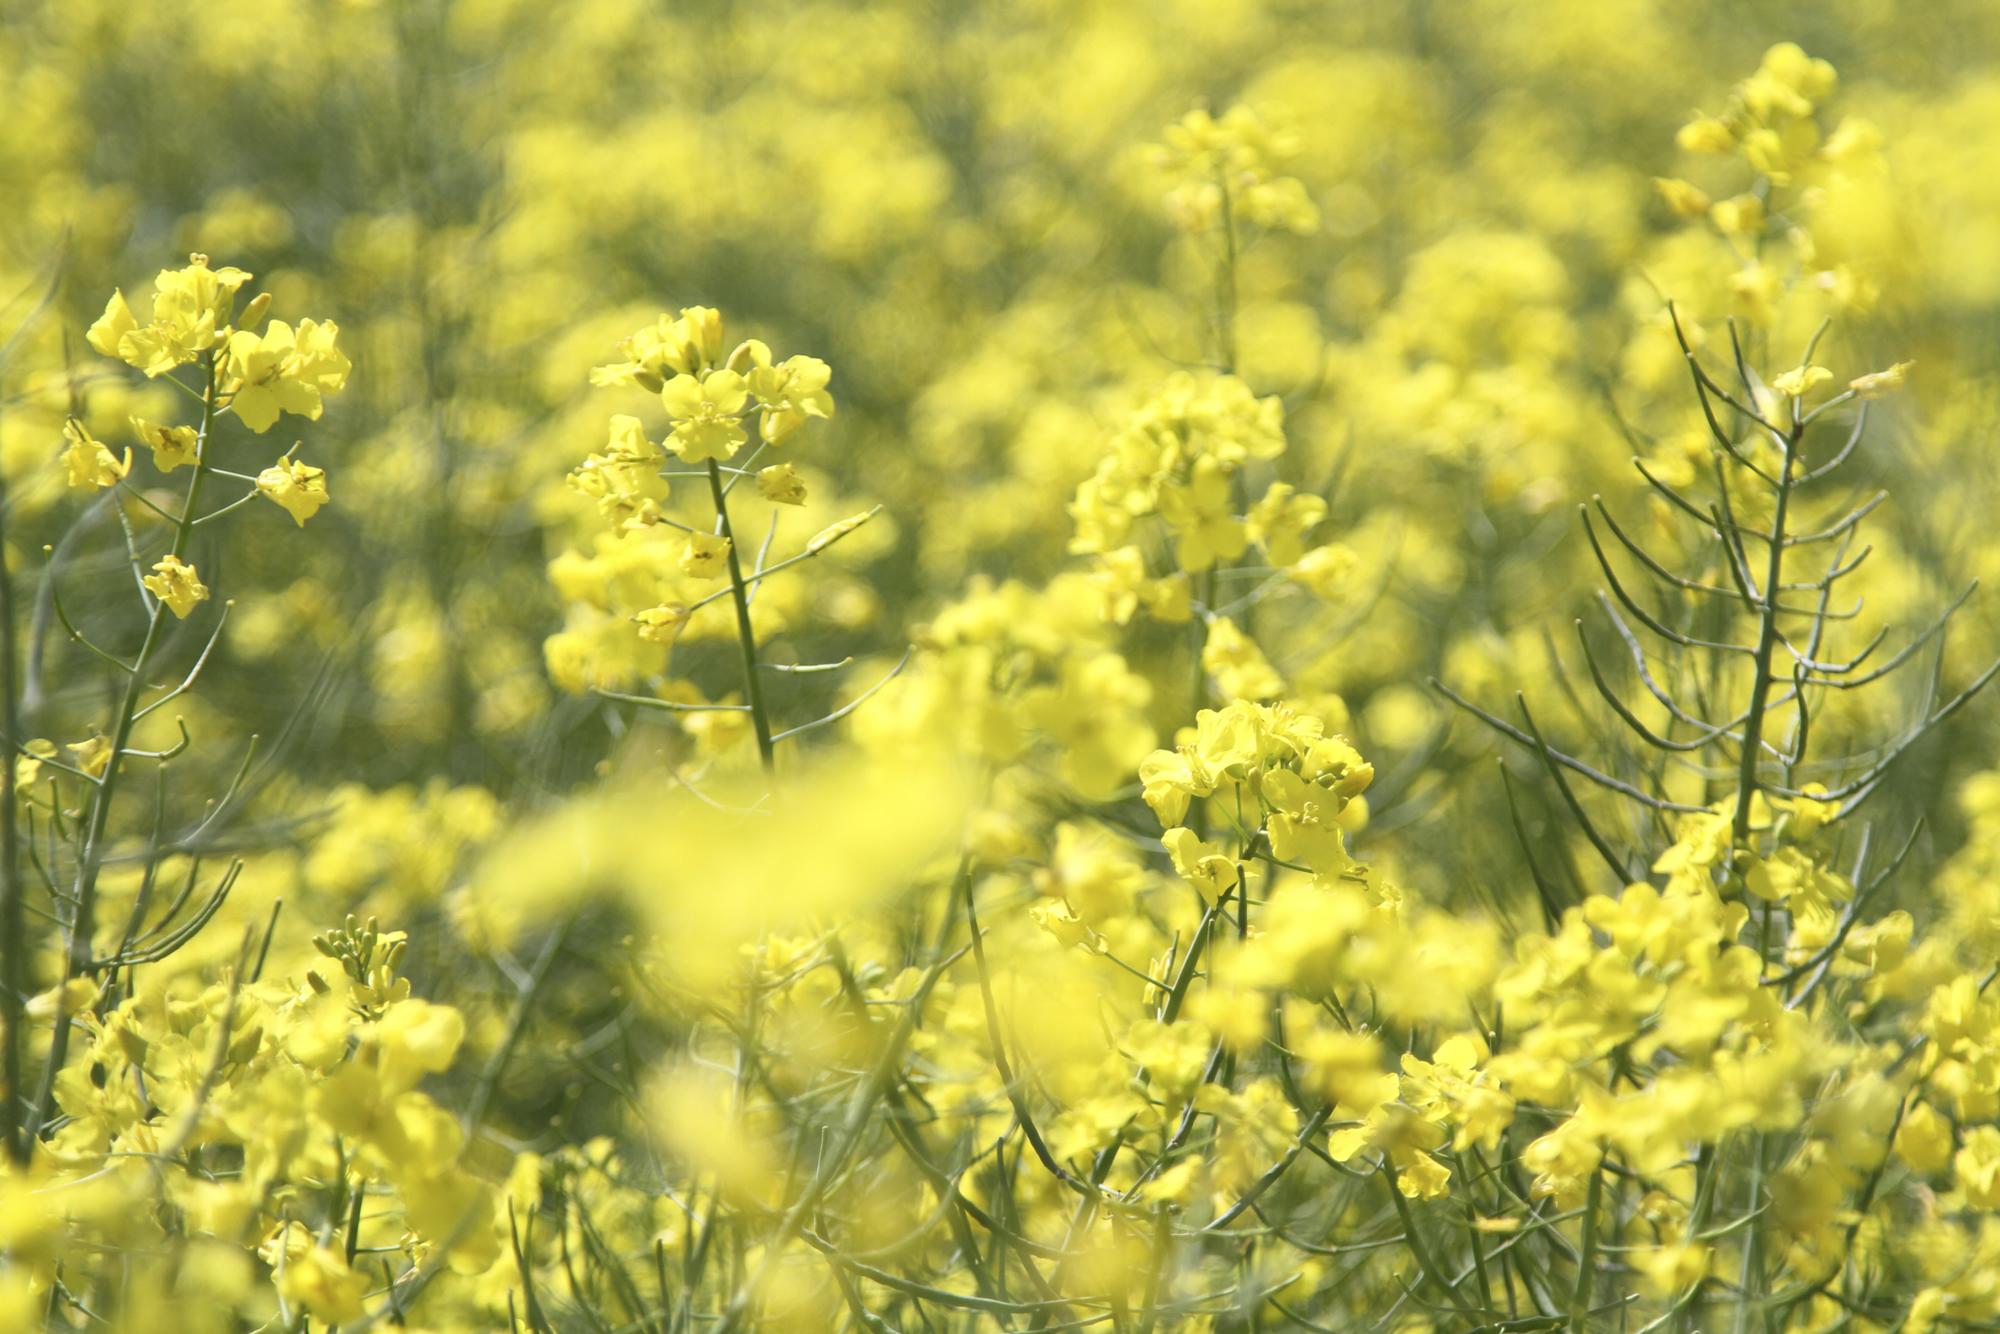 Rape crops